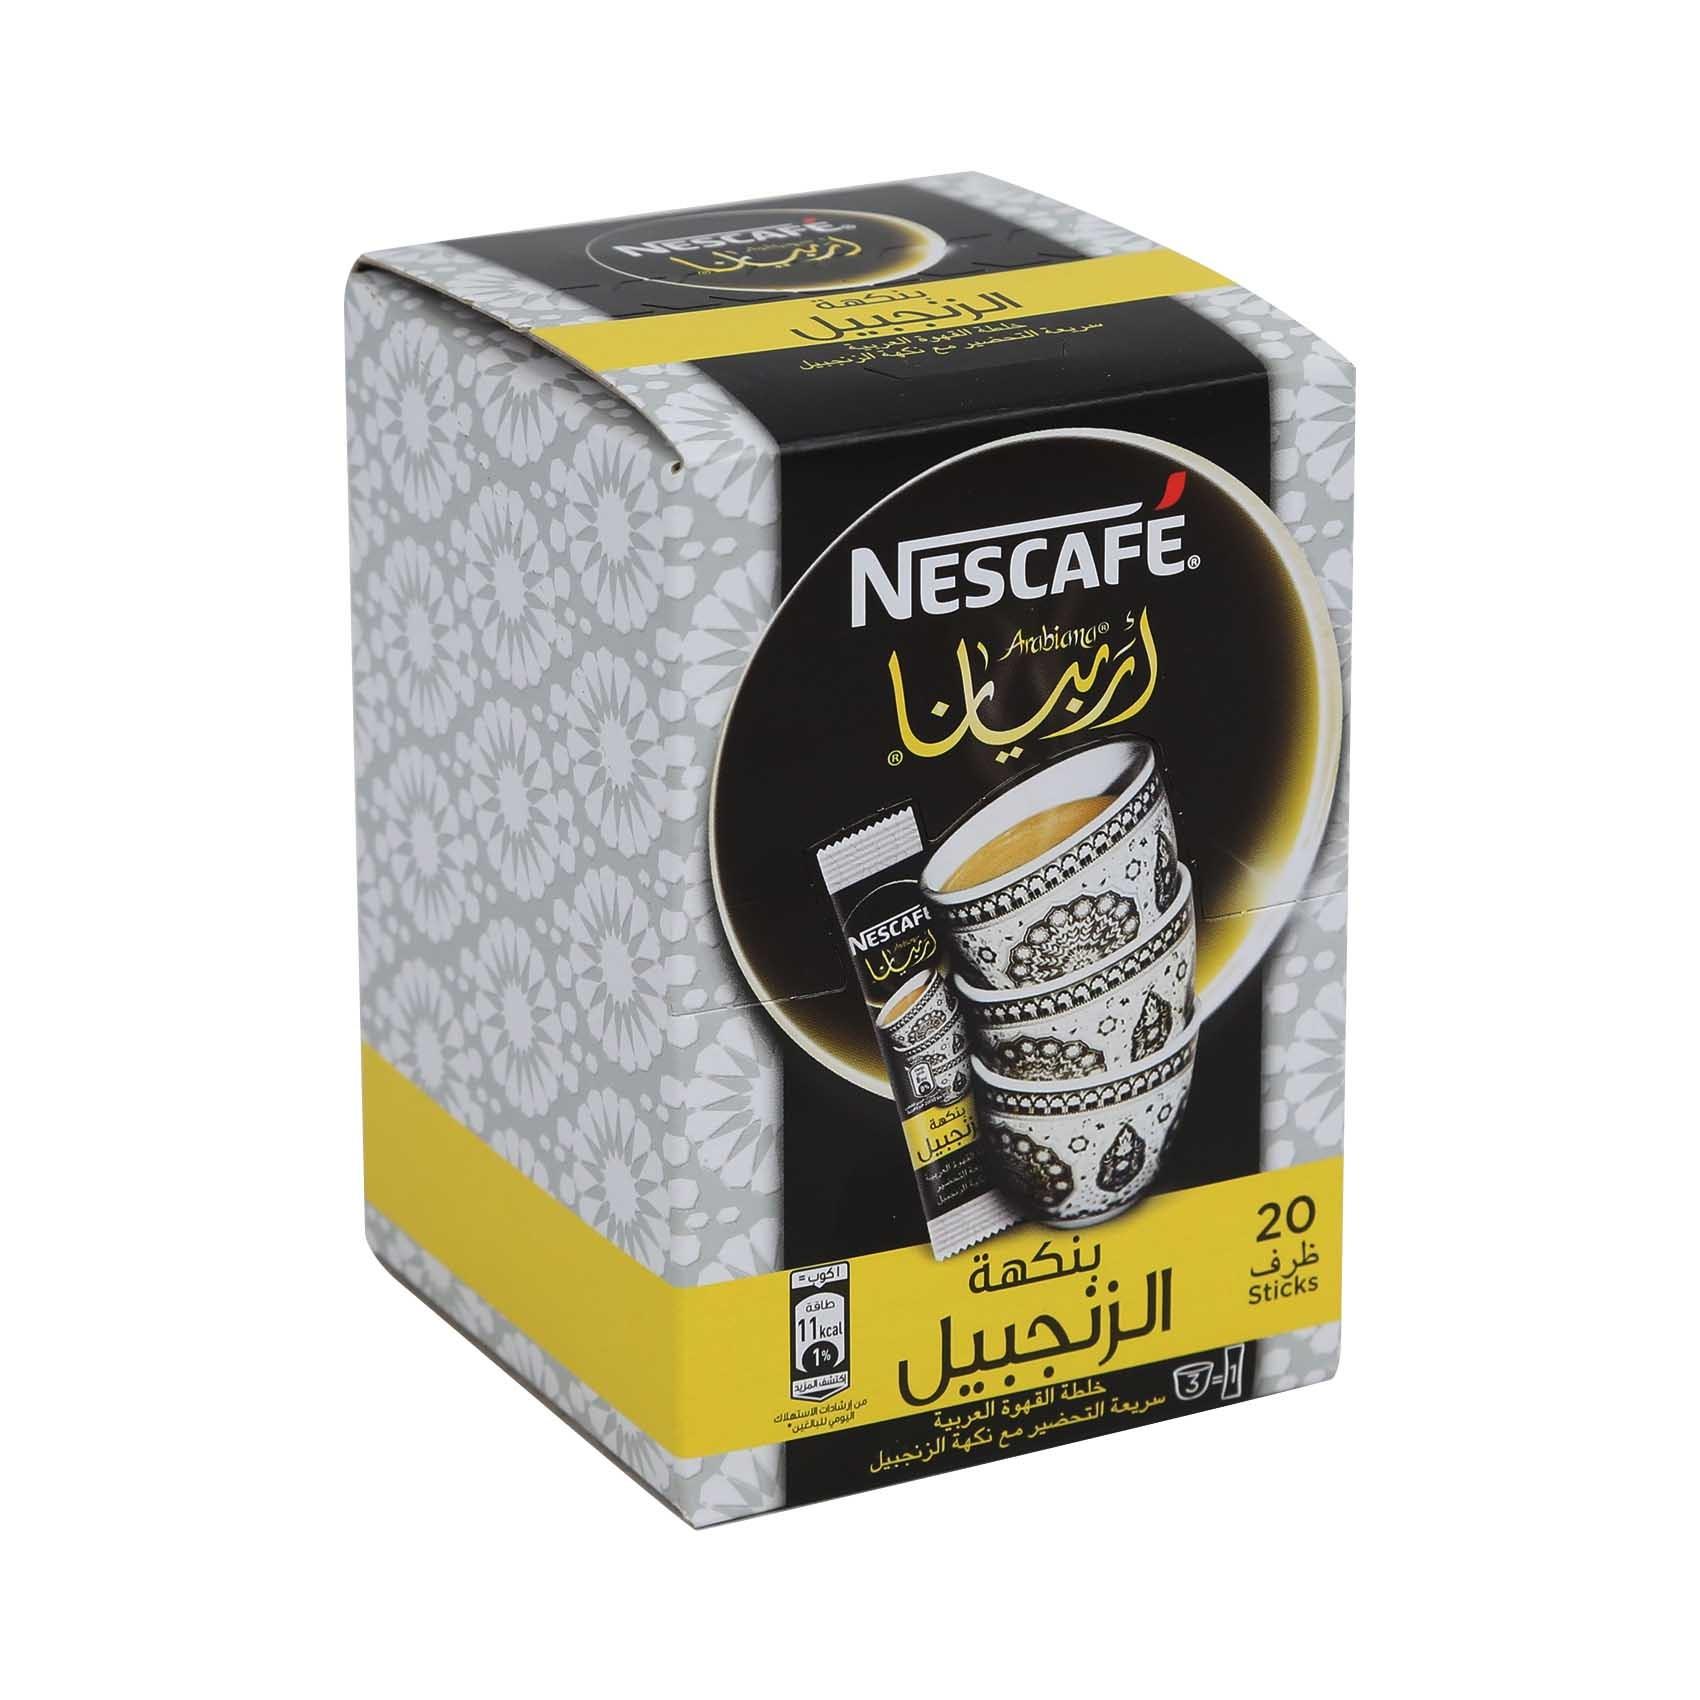 Koliko Cesto Pritisak Najdalje نسكافيه قهوة عربية Tedxdharavi Com